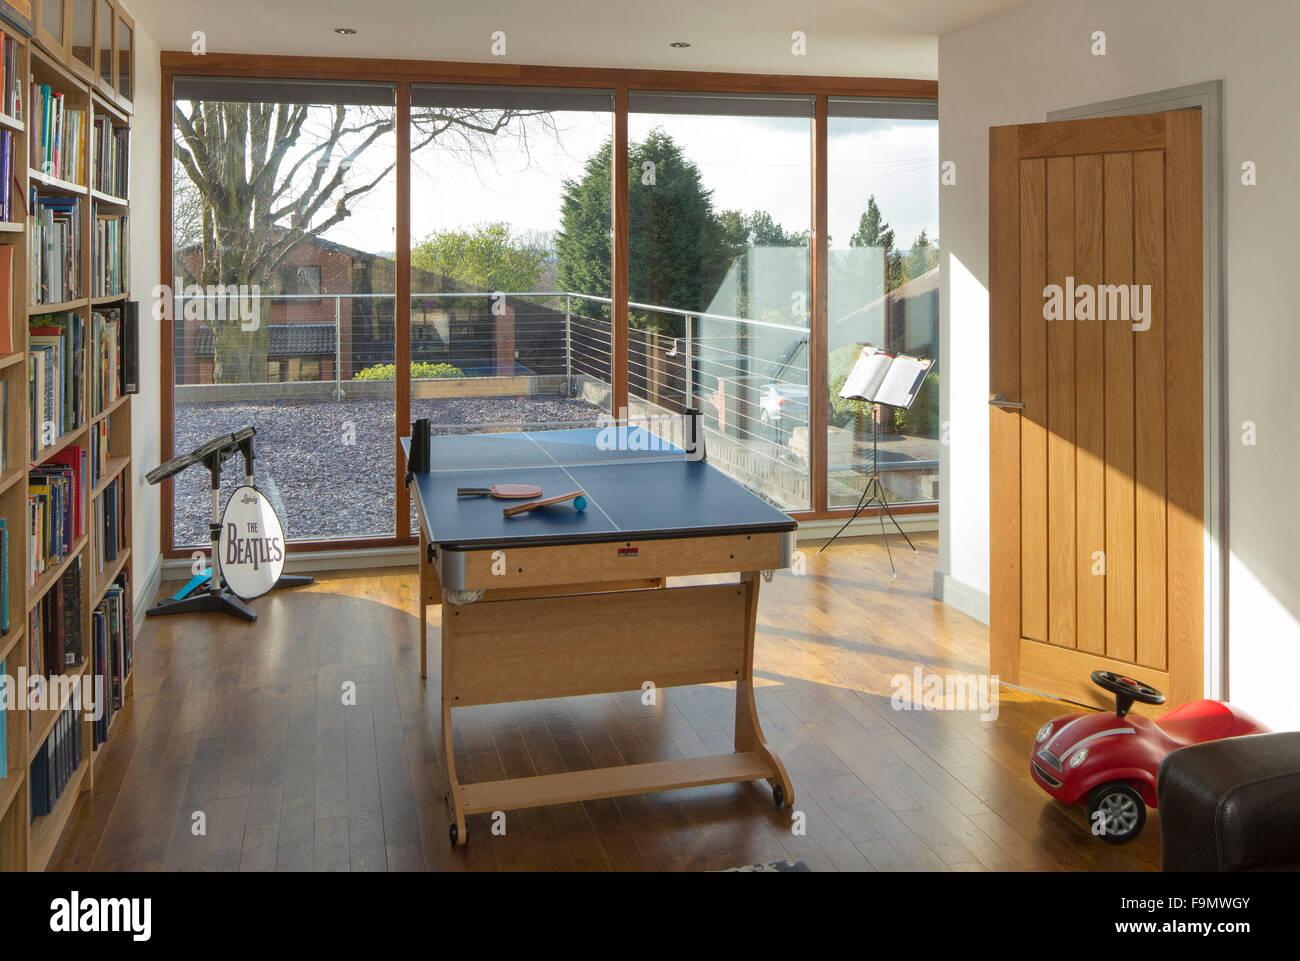 Jeux montrant. plancher de bois et table de tennis de table. La longueur des chutes de portes coulissantes en verre Photo Stock